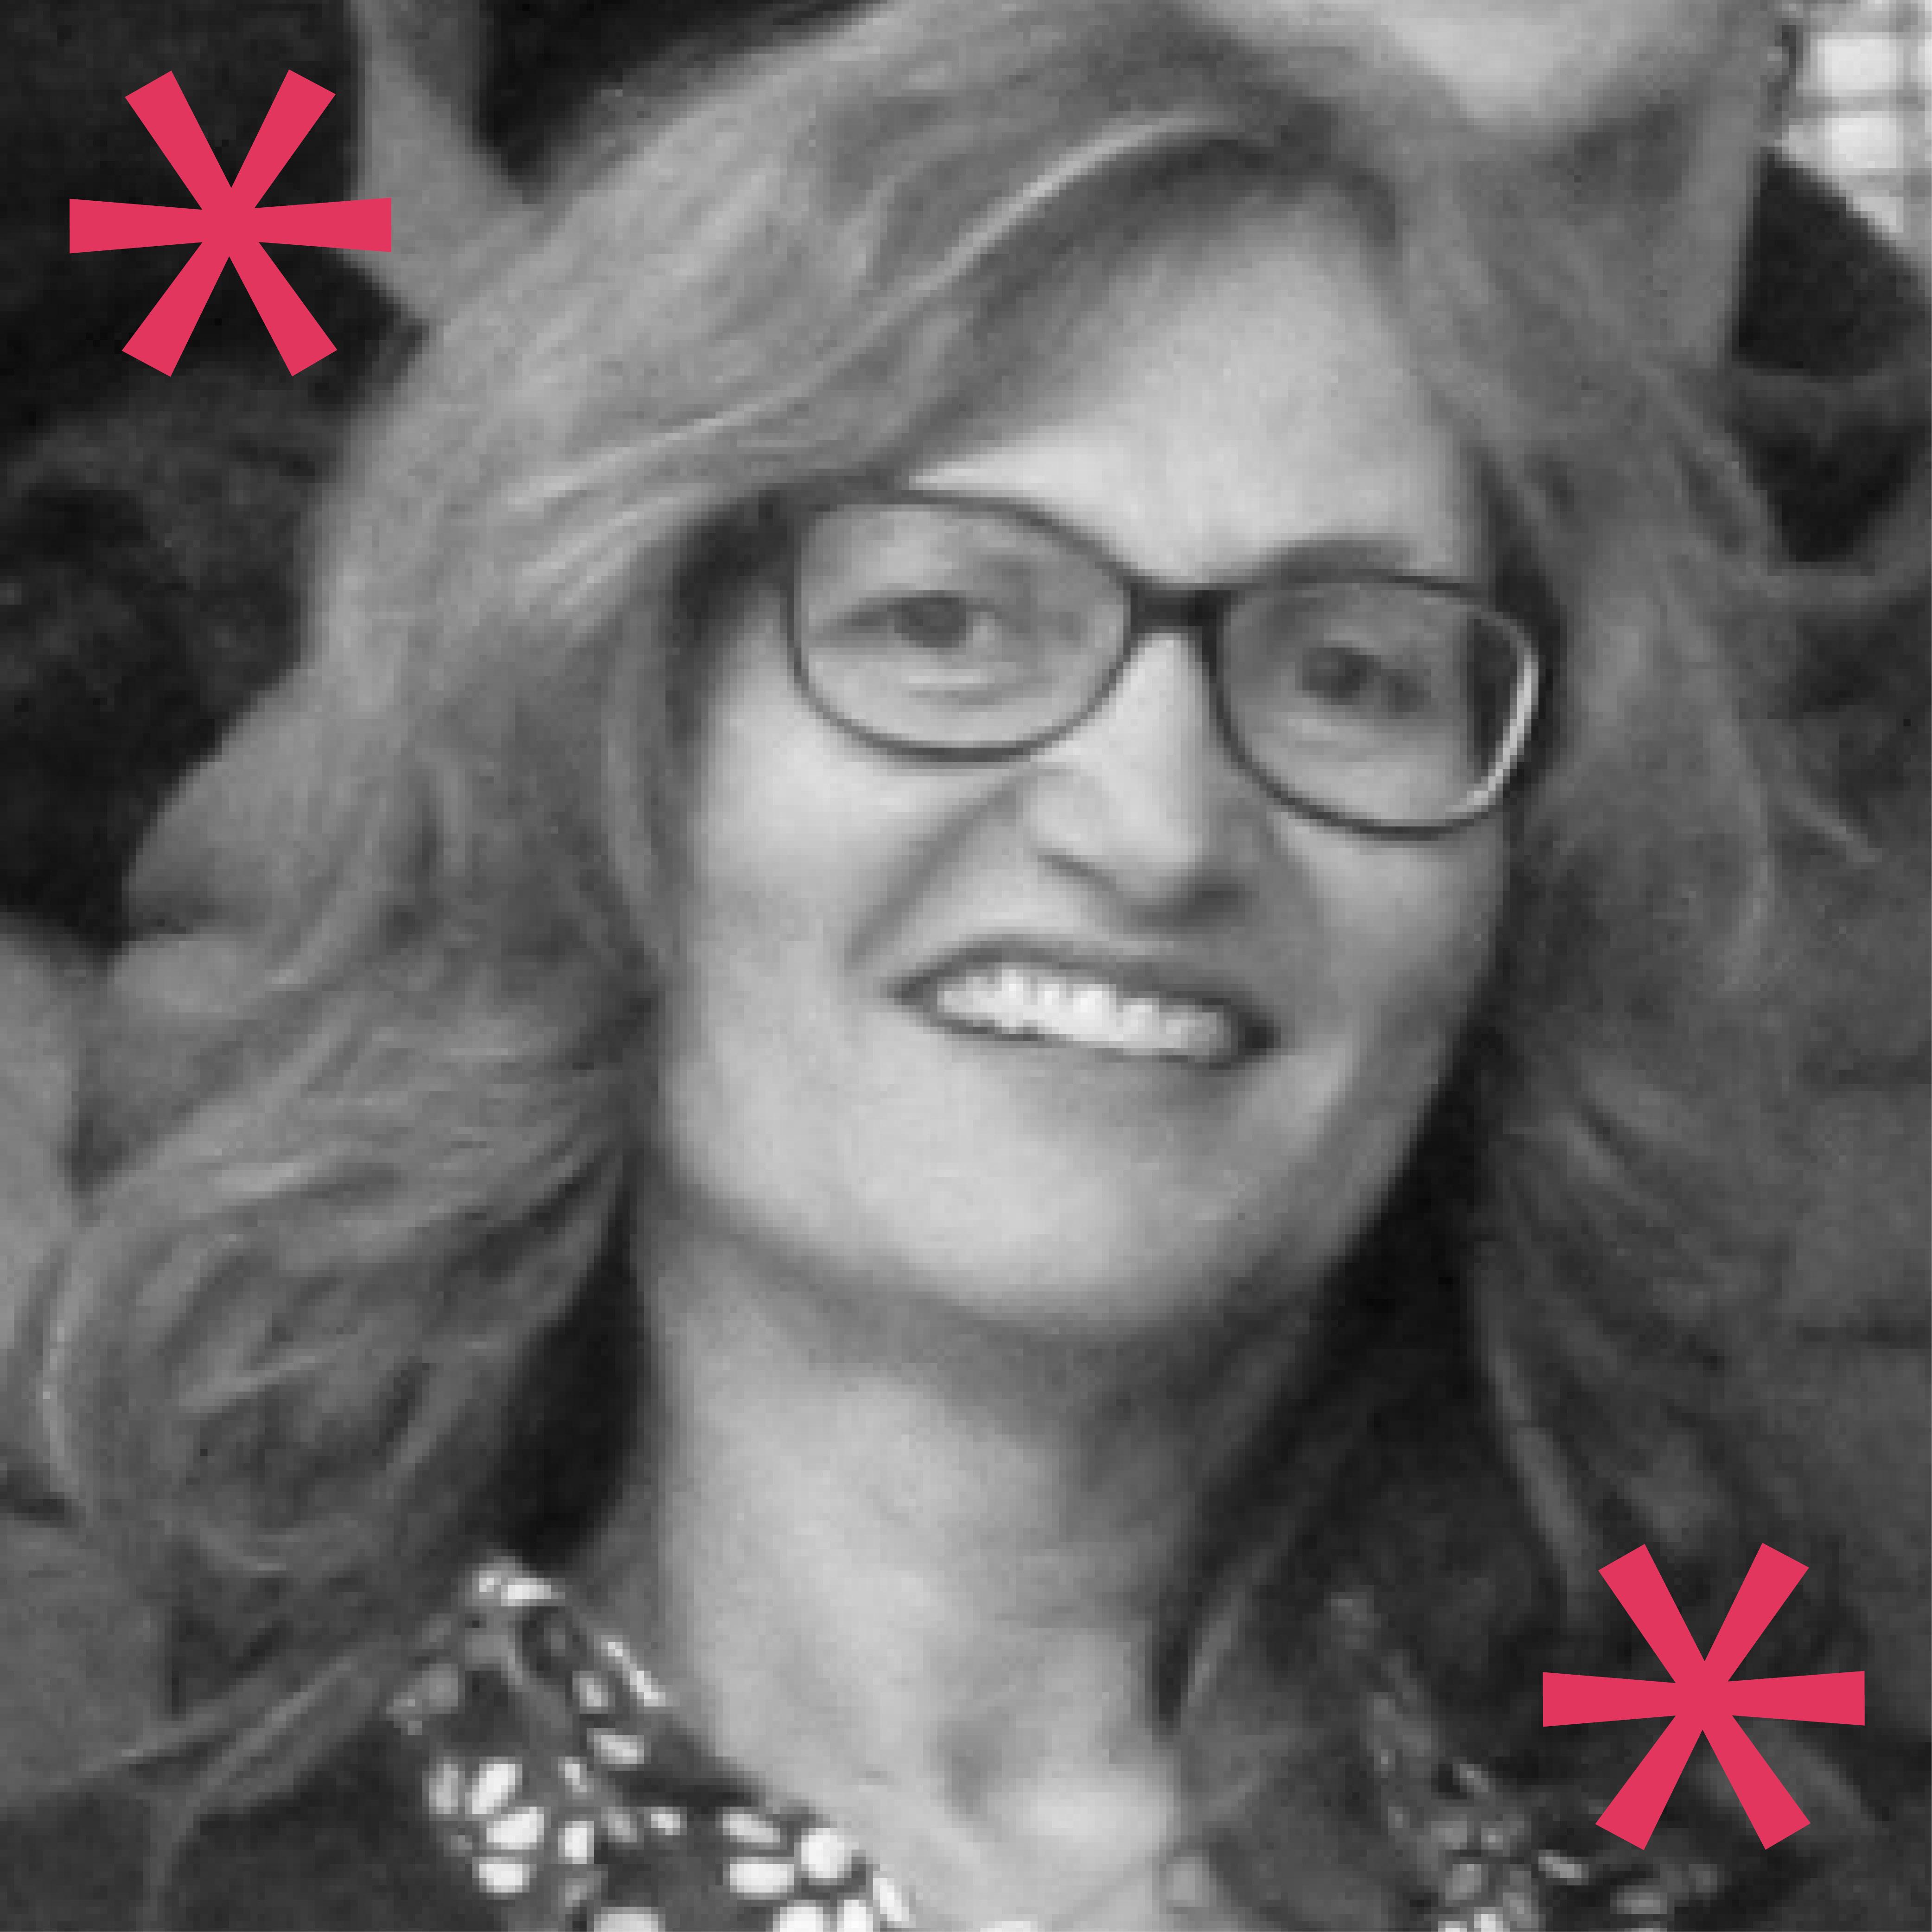 Ornella Mich